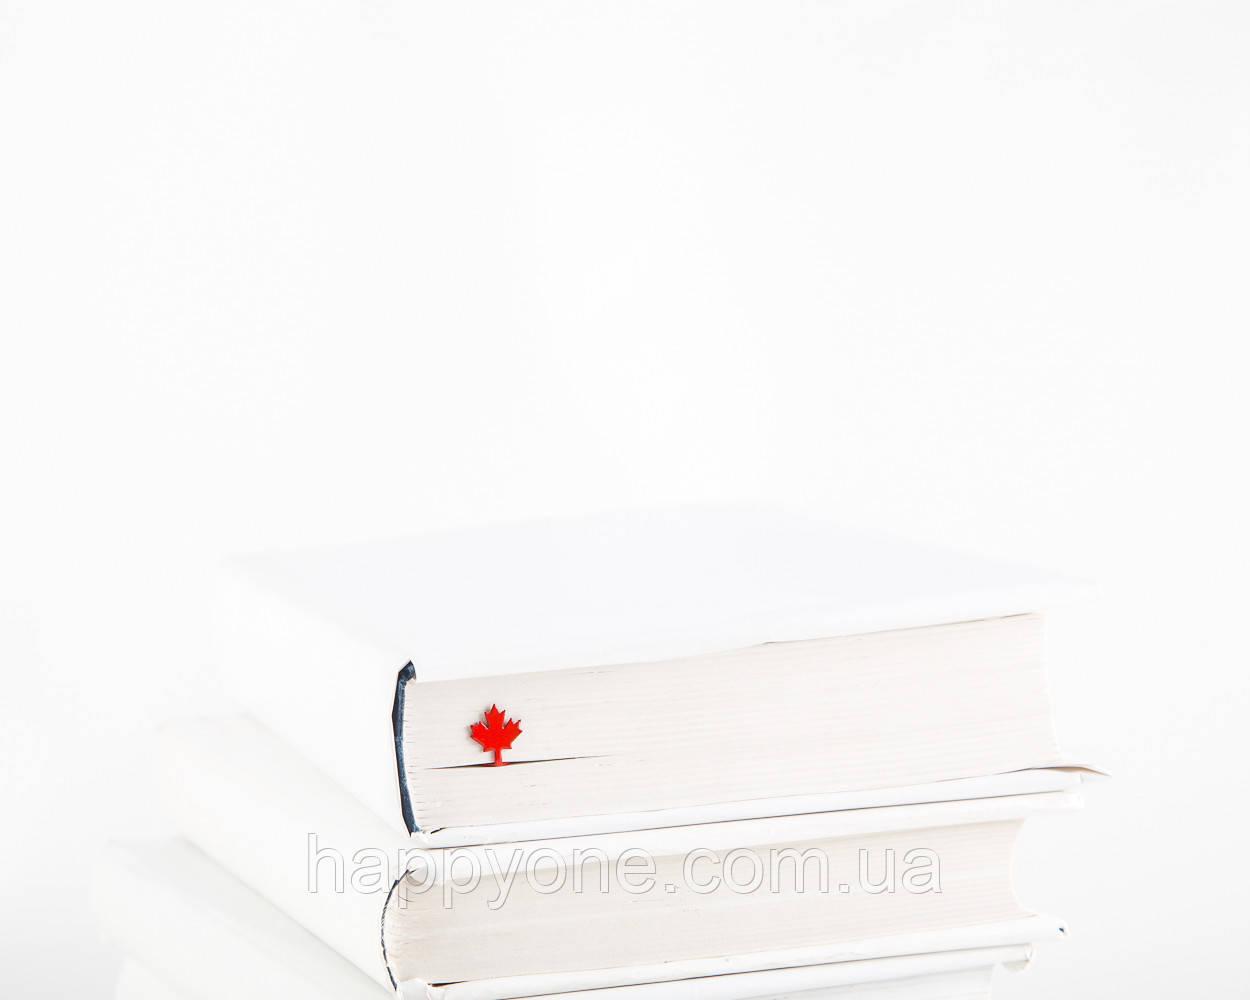 Закладка для книг Кленовый лист